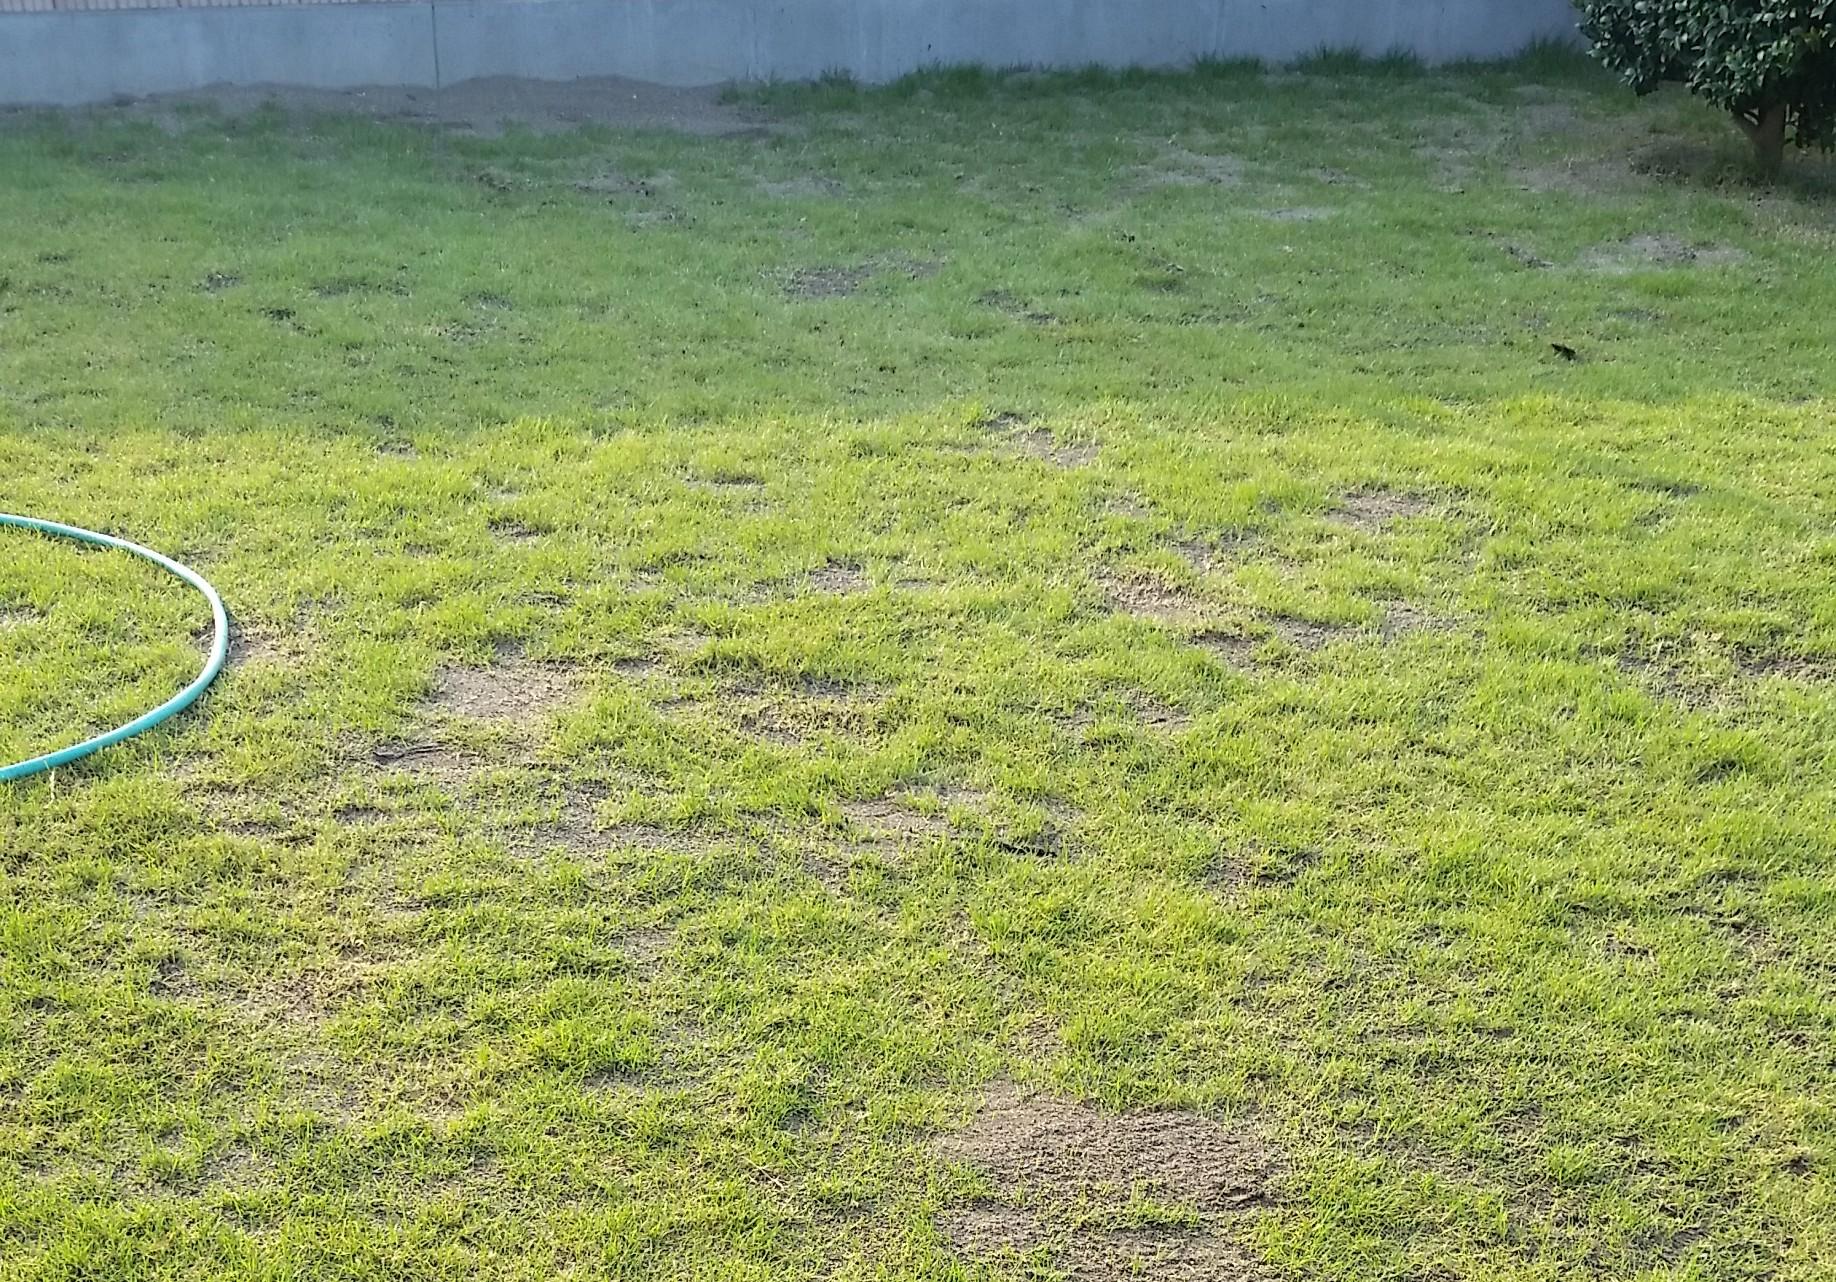 荒れ放題の芝生を復活させる方法を分かりやすく解説😃✨